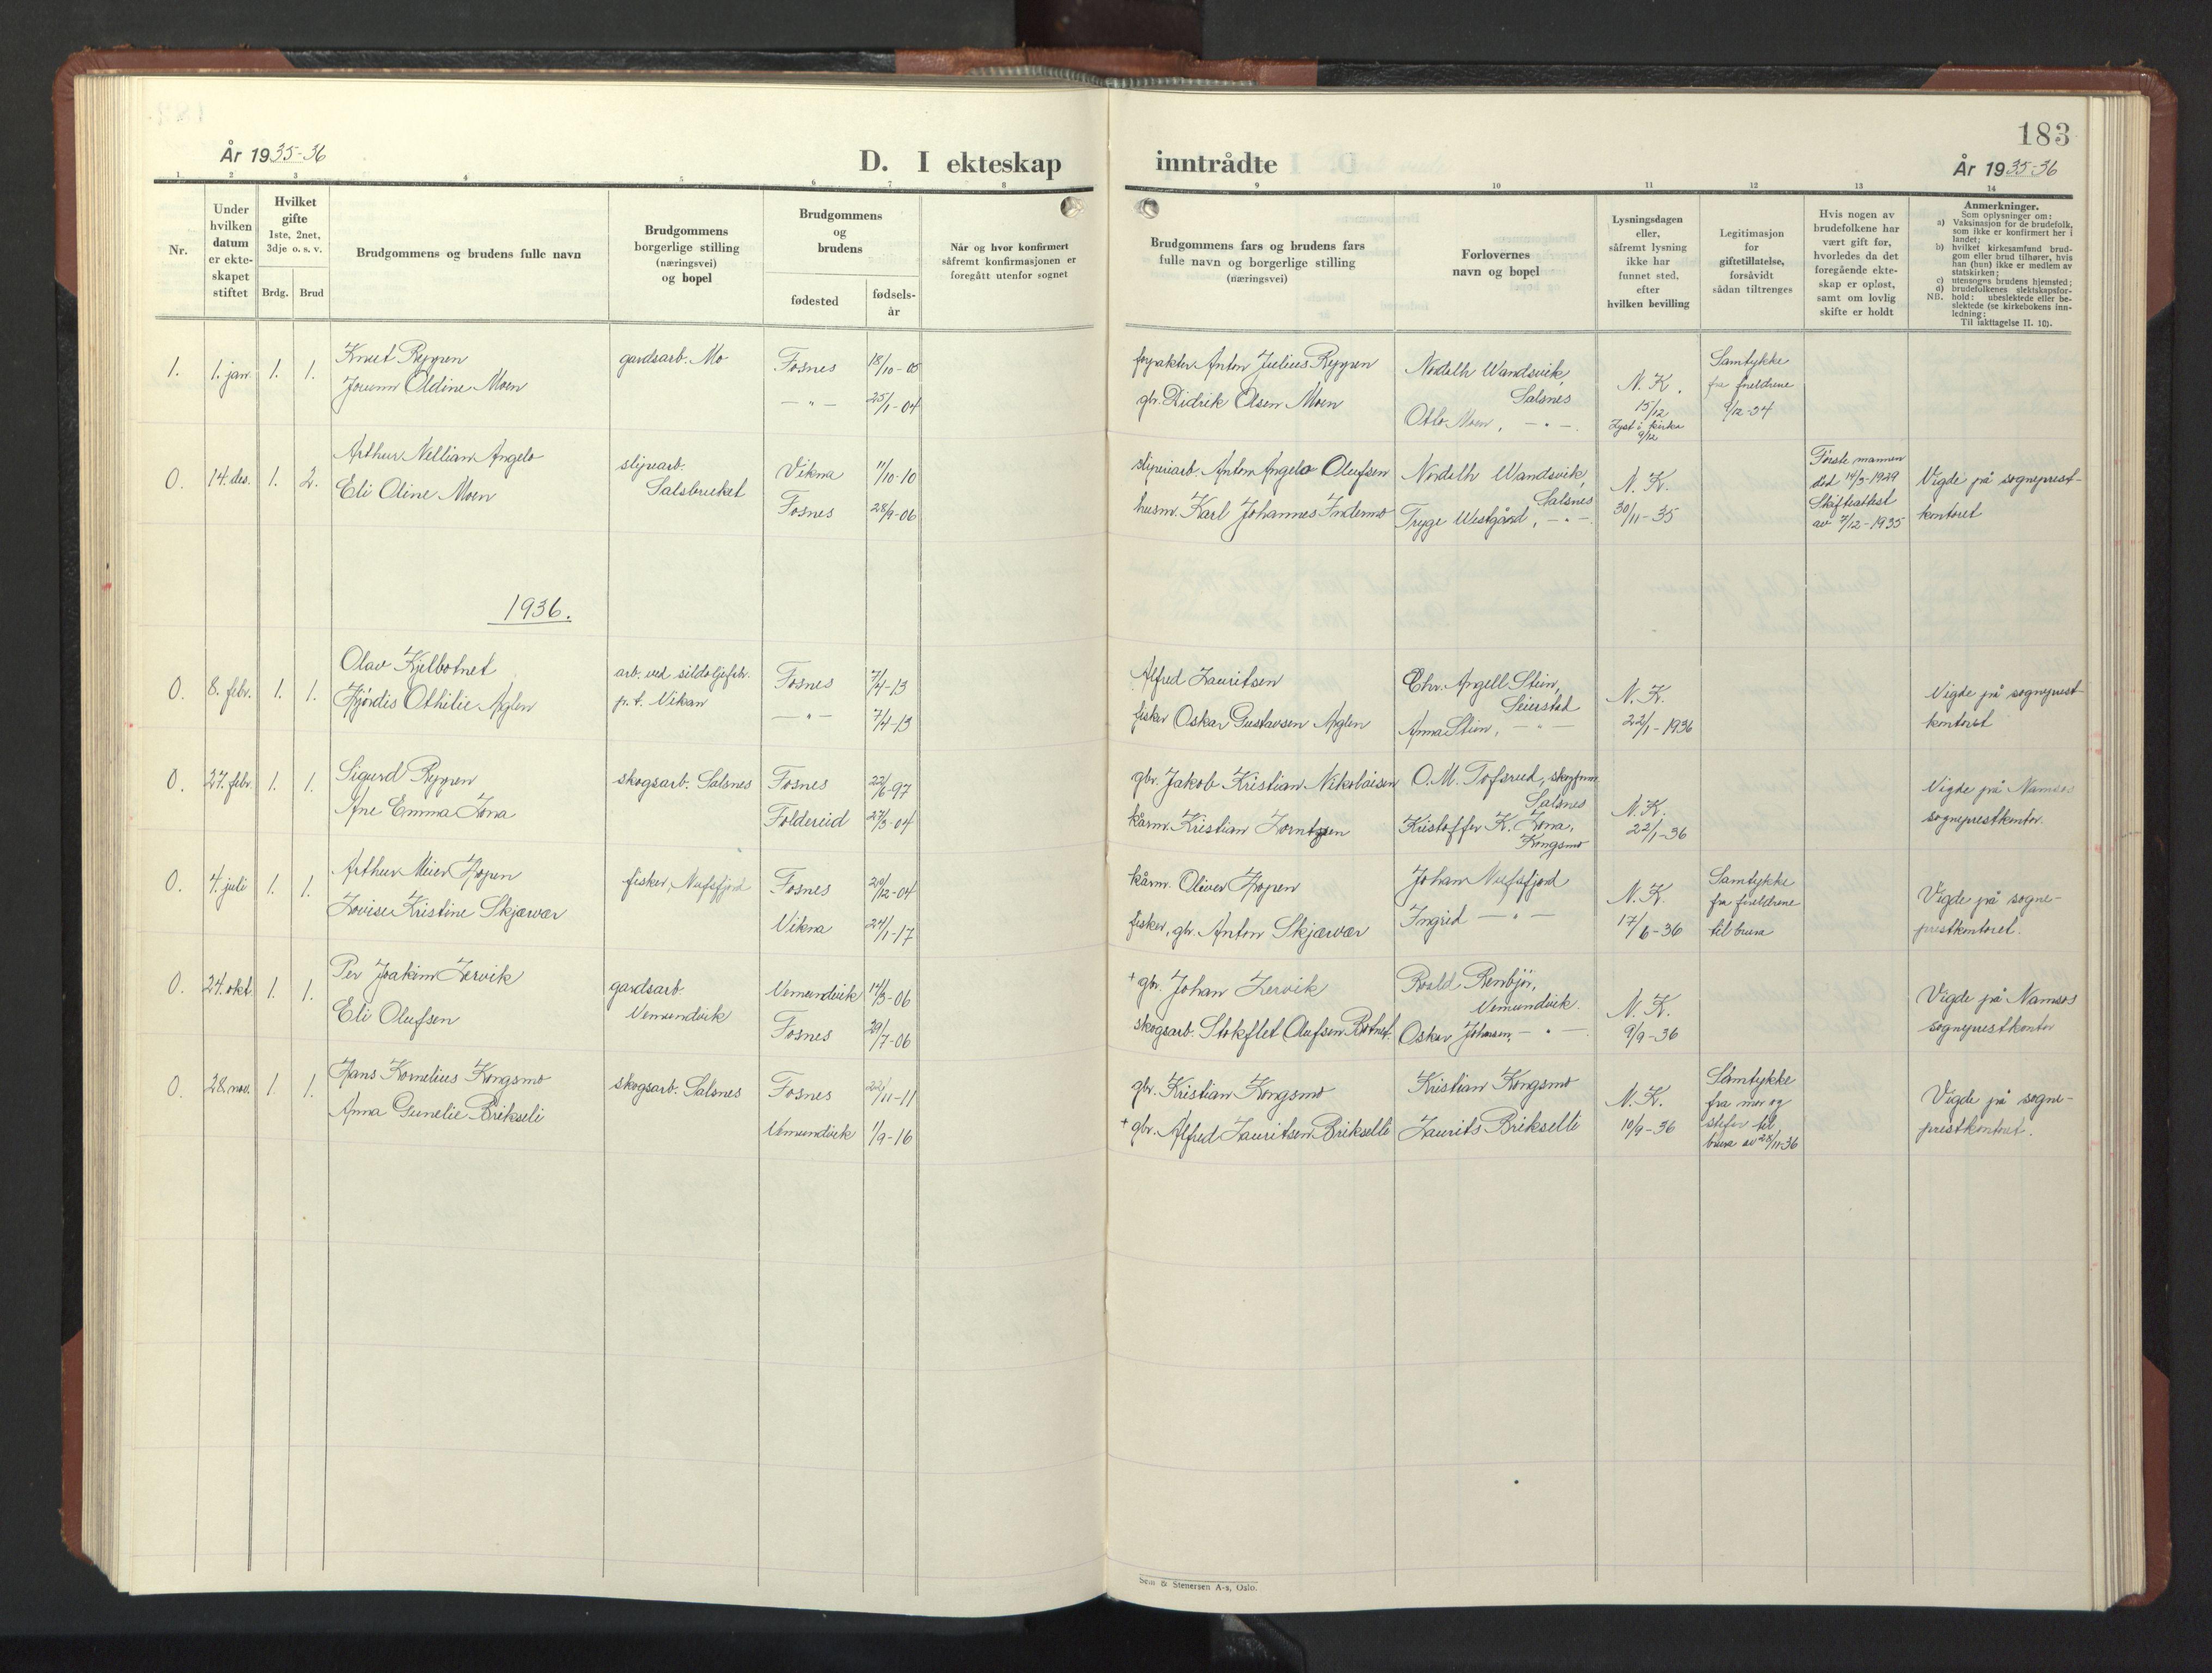 SAT, Ministerialprotokoller, klokkerbøker og fødselsregistre - Nord-Trøndelag, 773/L0625: Klokkerbok nr. 773C01, 1910-1952, s. 183